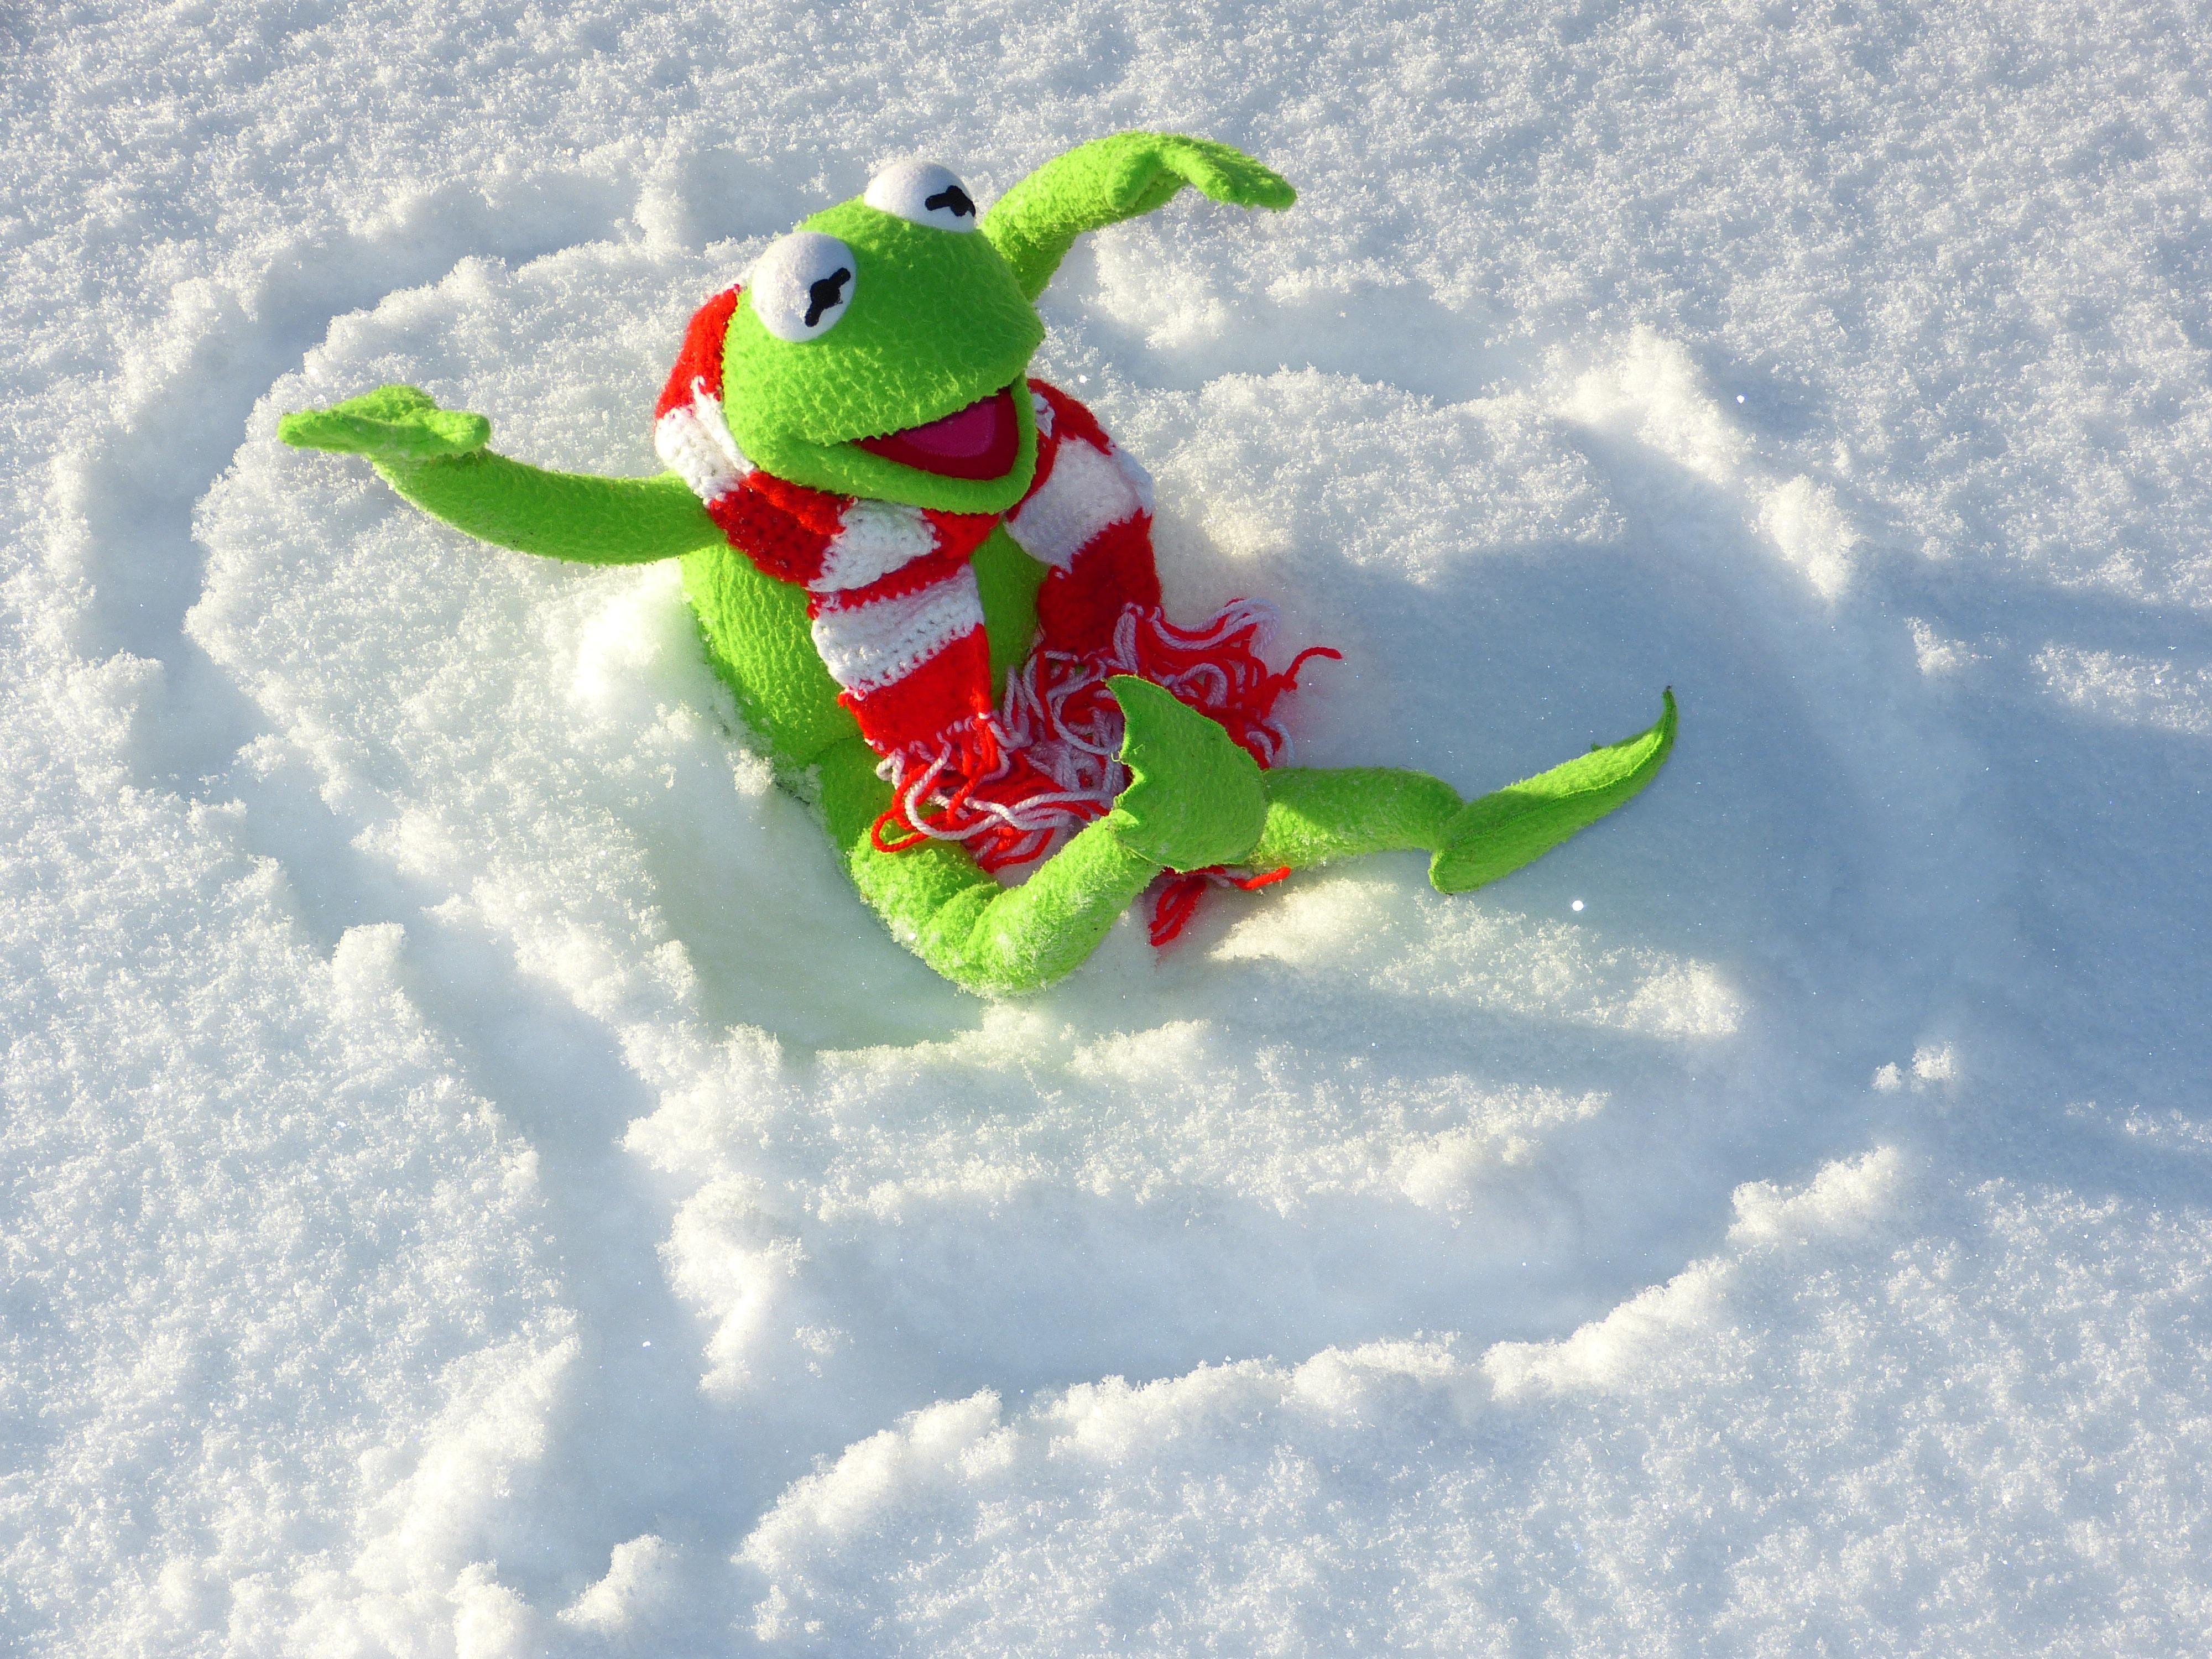 images gratuites neige du froid hiver grenouille sport extr me jouet sport d 39 hiver. Black Bedroom Furniture Sets. Home Design Ideas